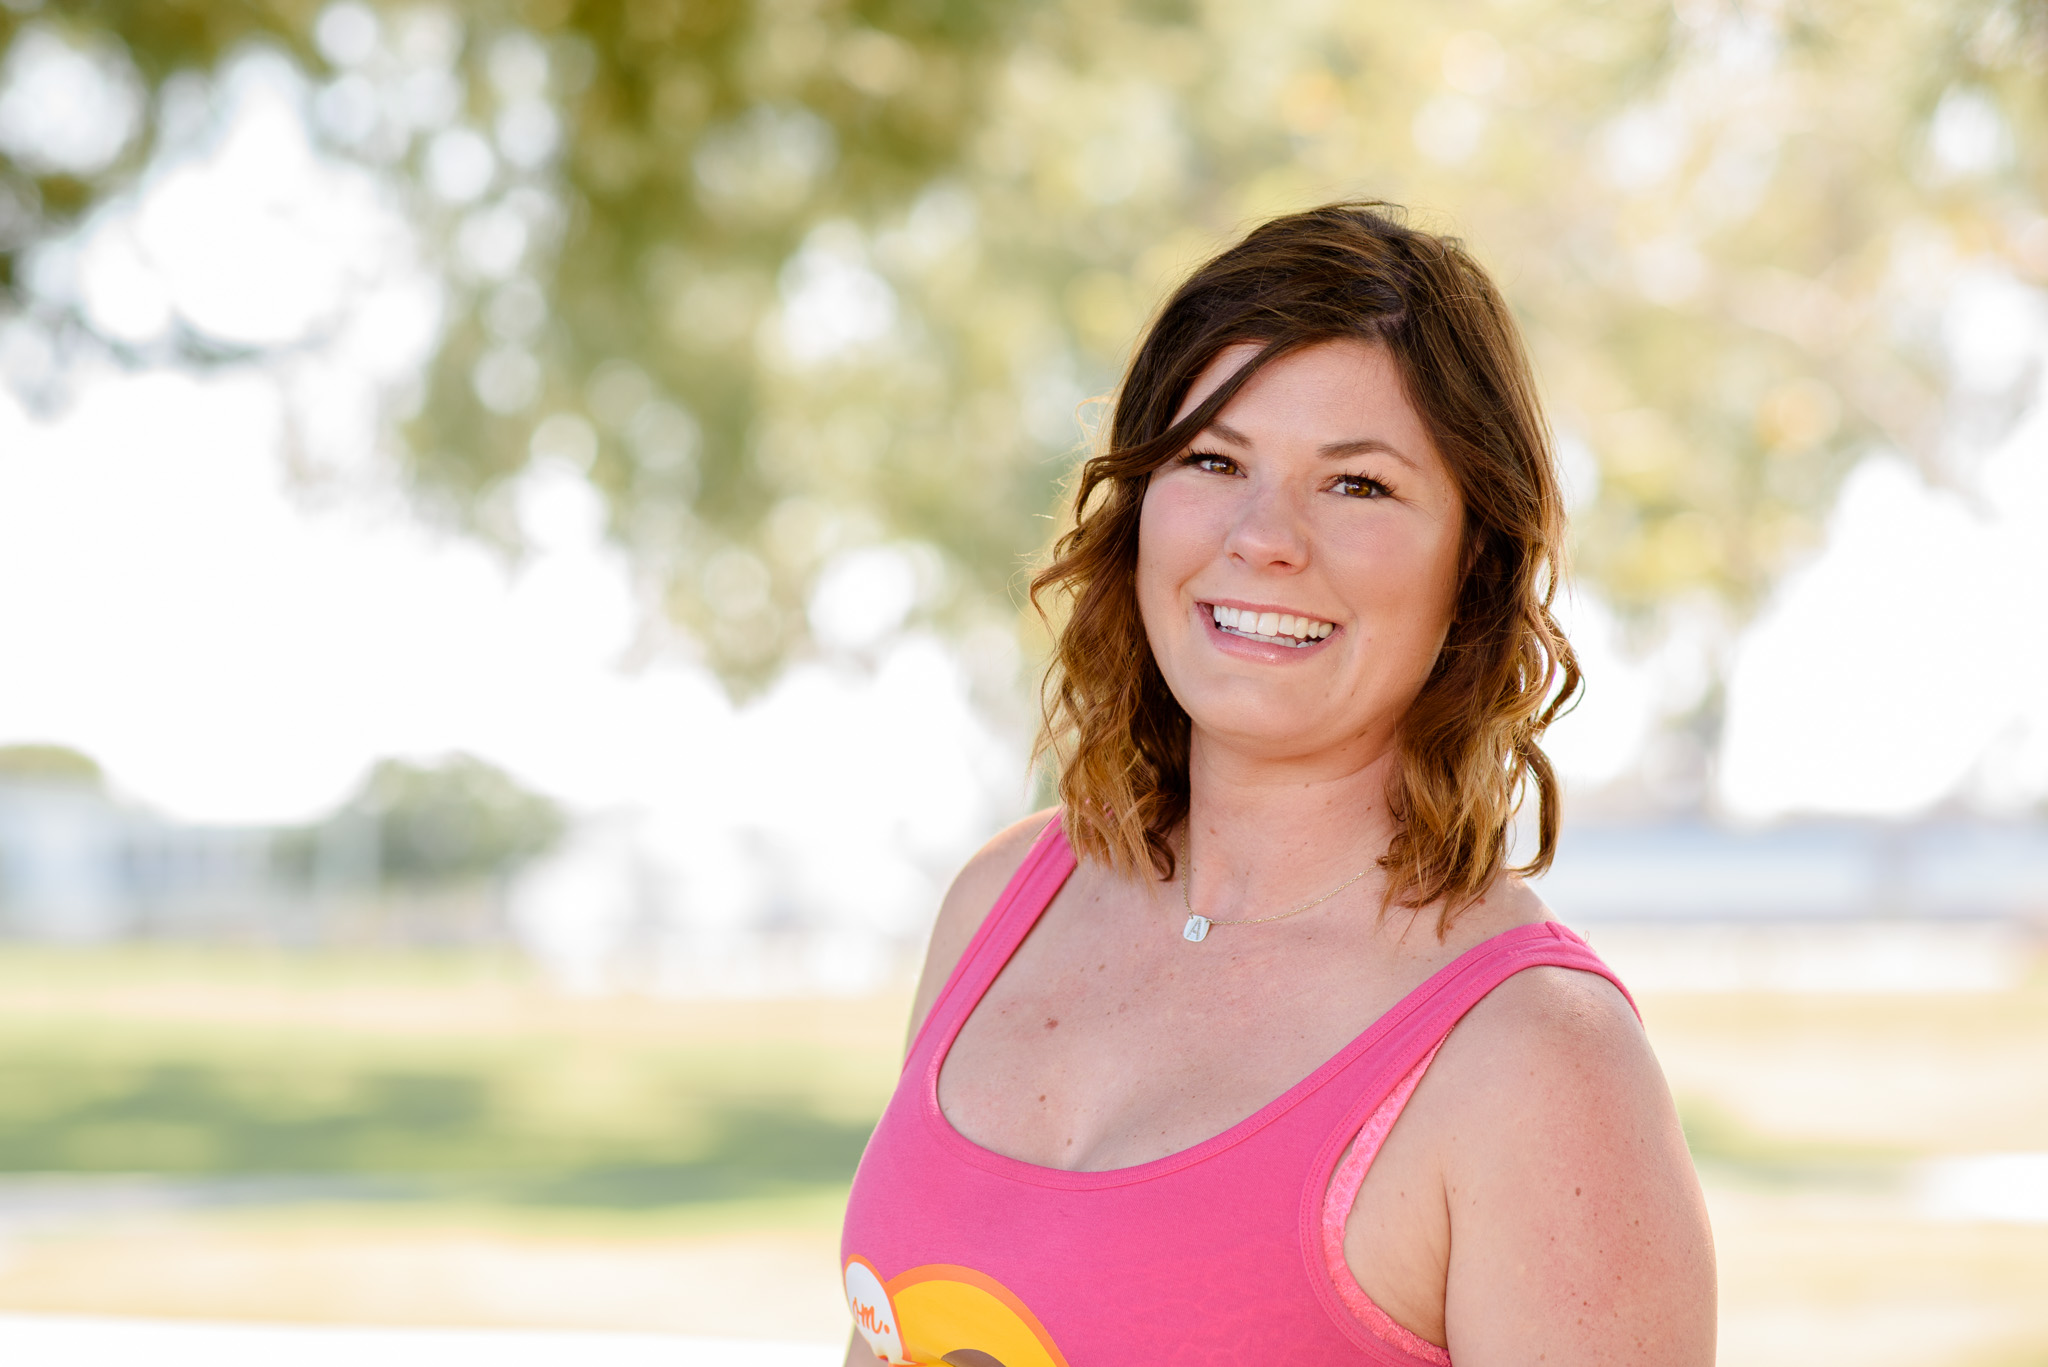 zooga yoga South Bay owner, Jenn Whitaker